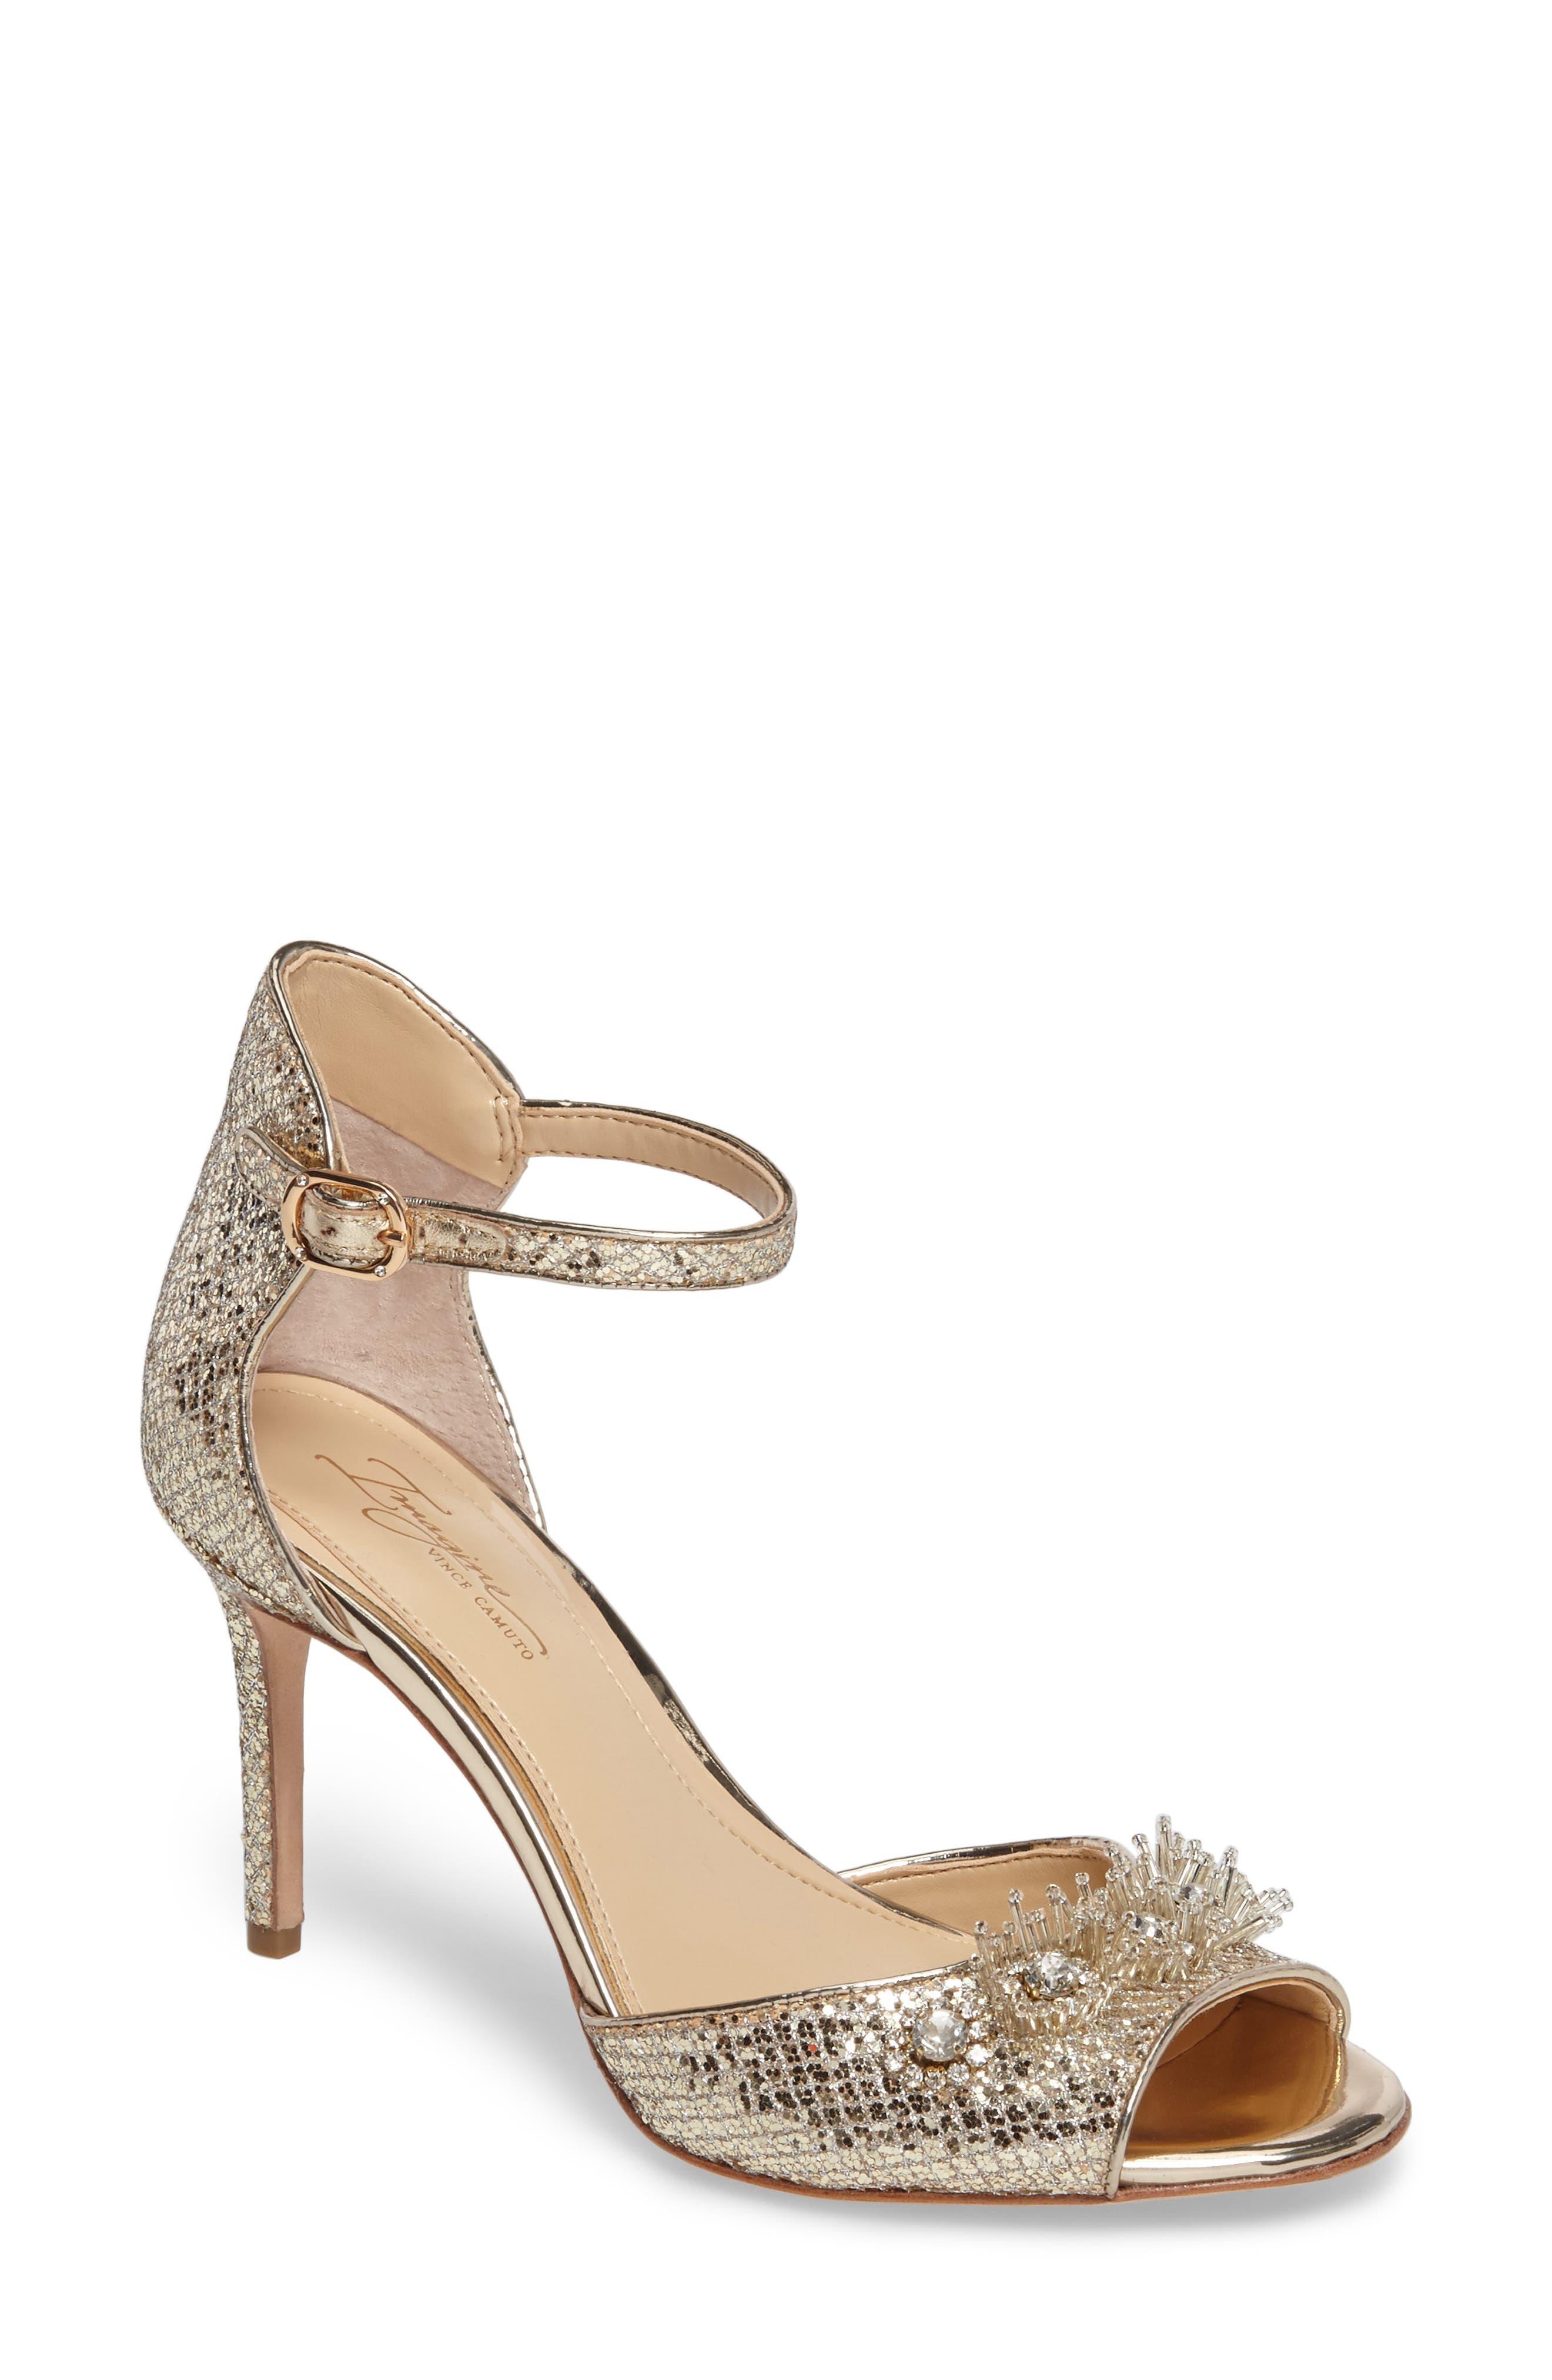 Prisca Embellished Sandal,                         Main,                         color, Soft Gold